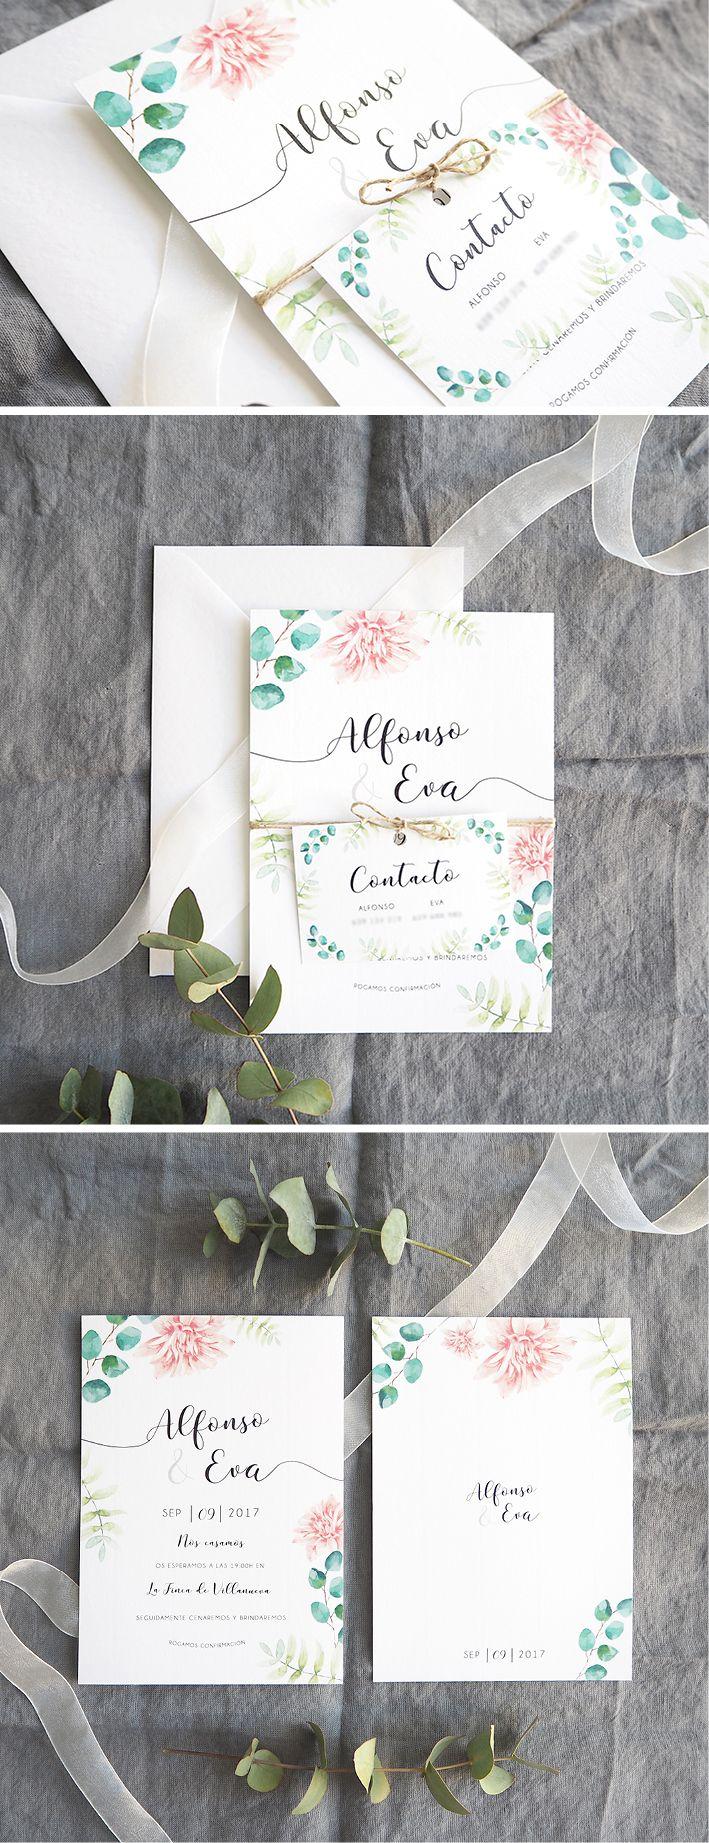 Invitación de boda delicada con acuarela personalizada/ Wedding invite. Diseño Morrocotudo Estudio.